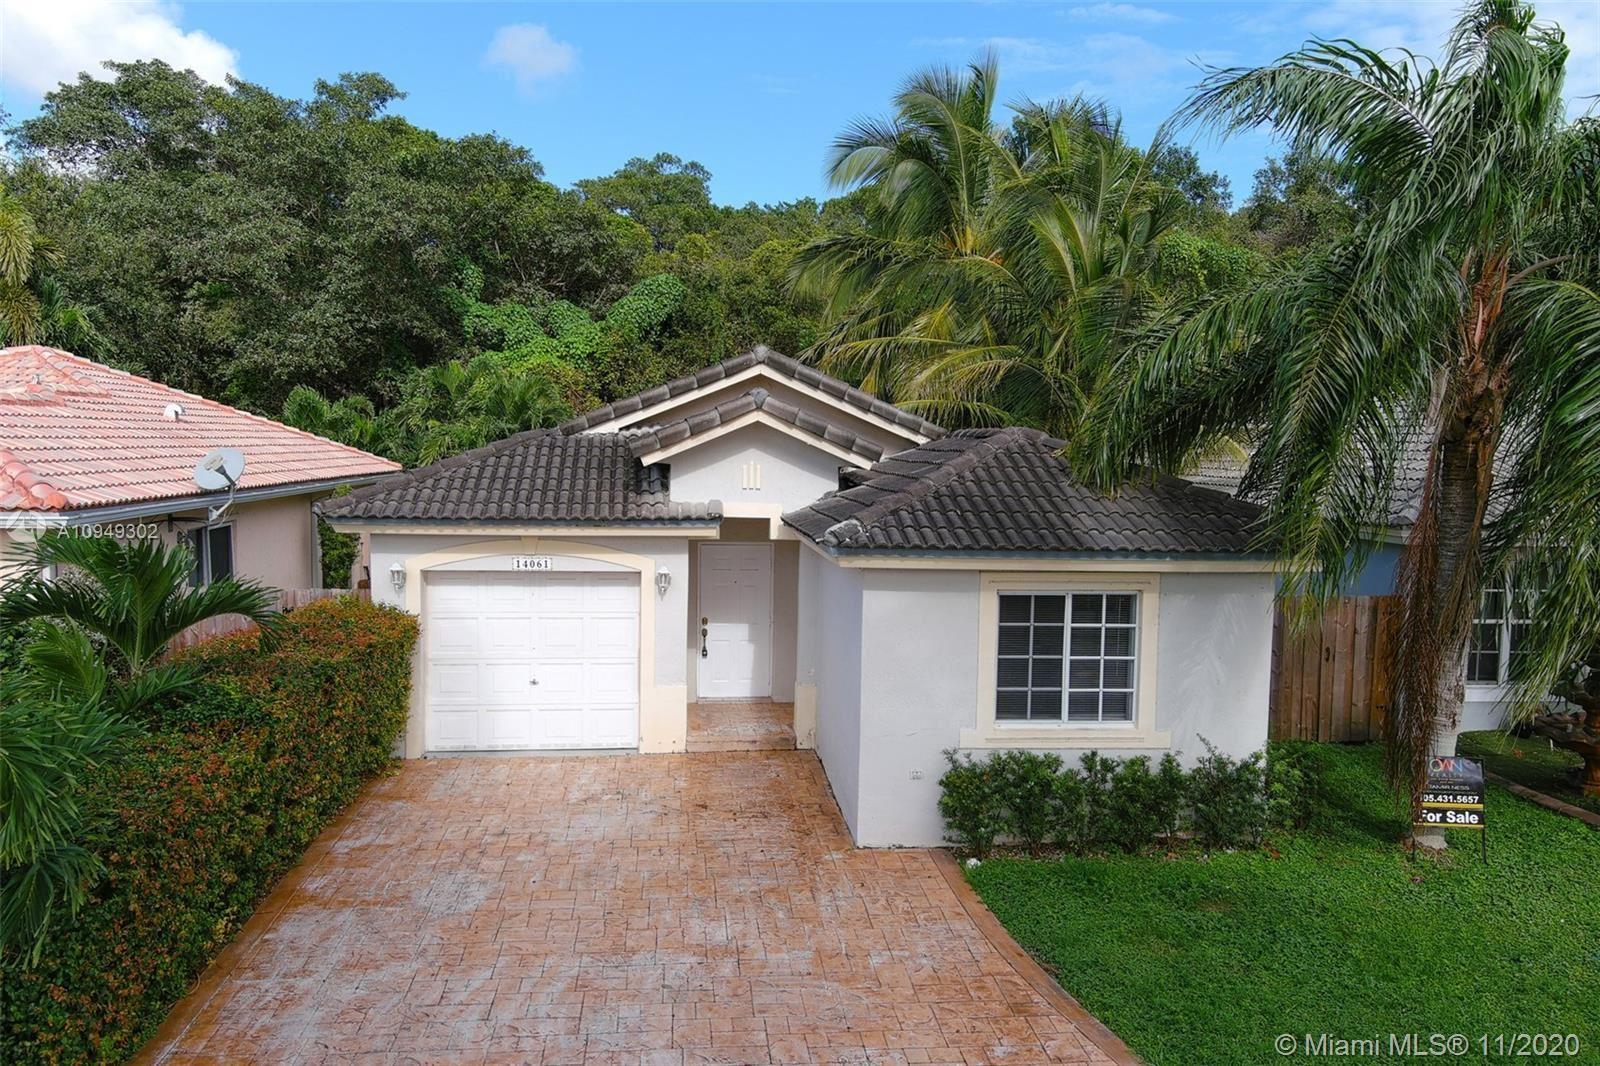 14061 SW 149th Pl, Miami, FL 33196 - #: A10949302